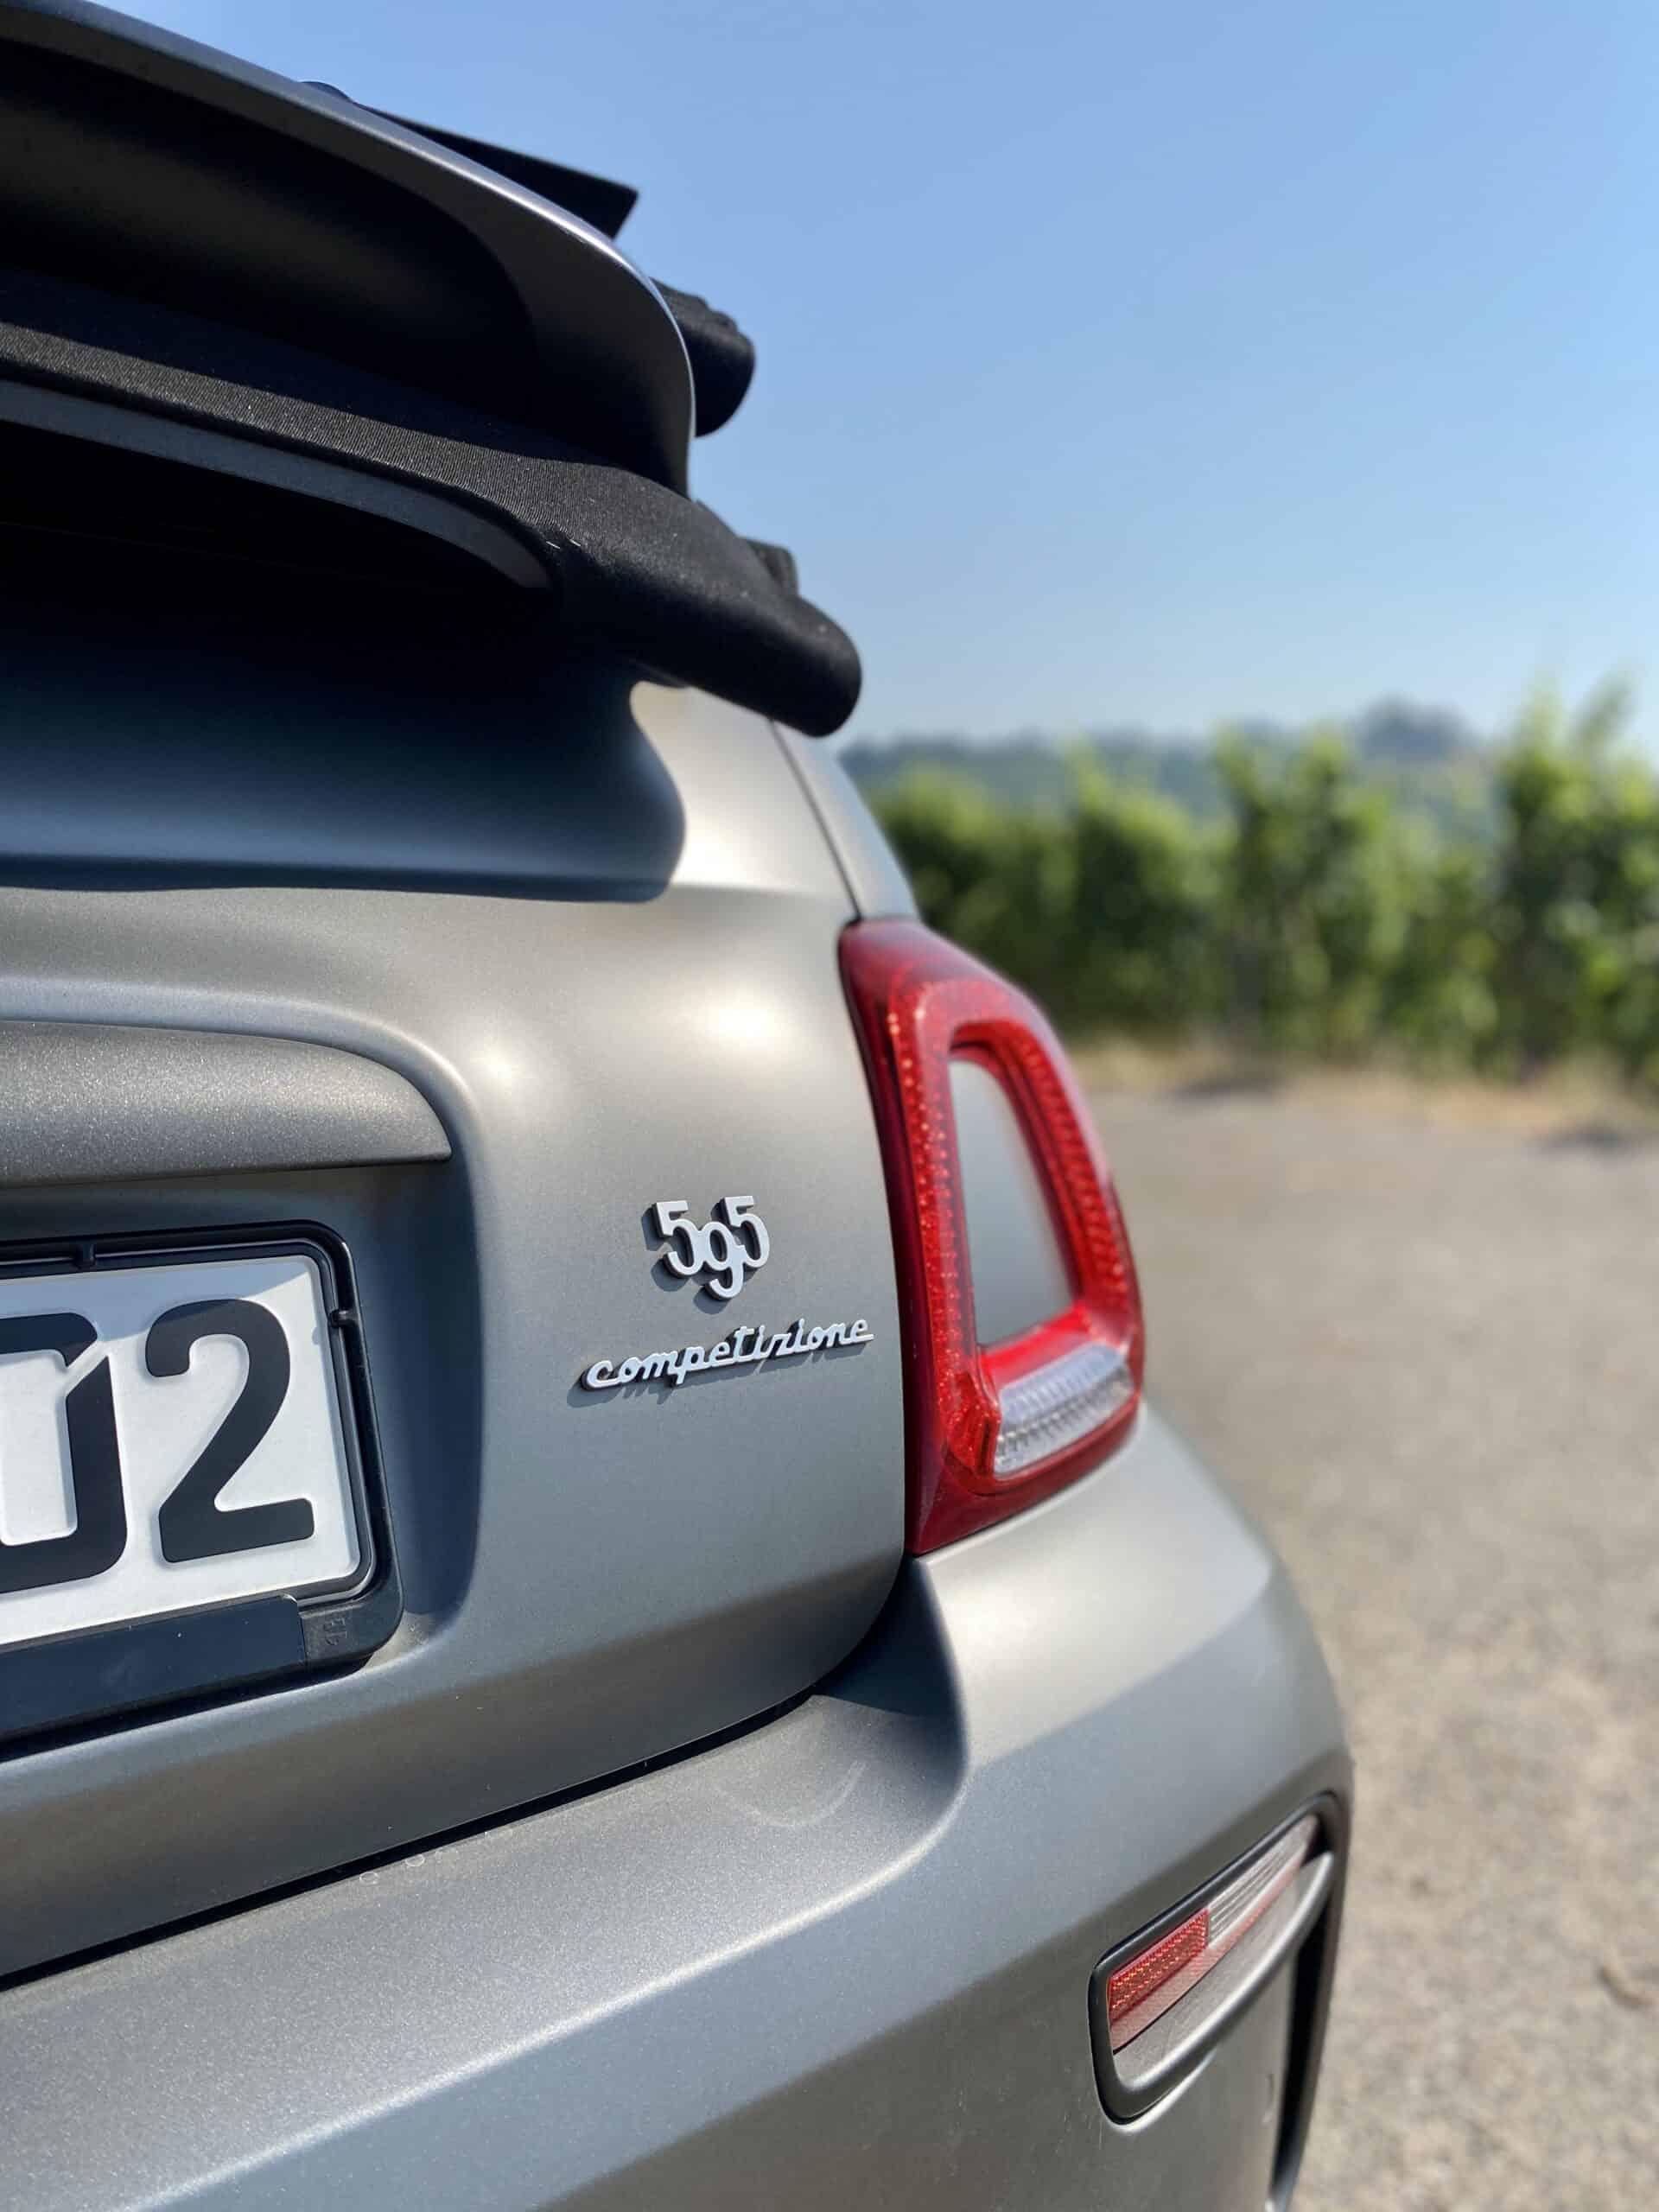 Abarth 595 Cabrio Competizione (2020) - Vom Skorpion gestochen?! Review | Test | Sound | POV